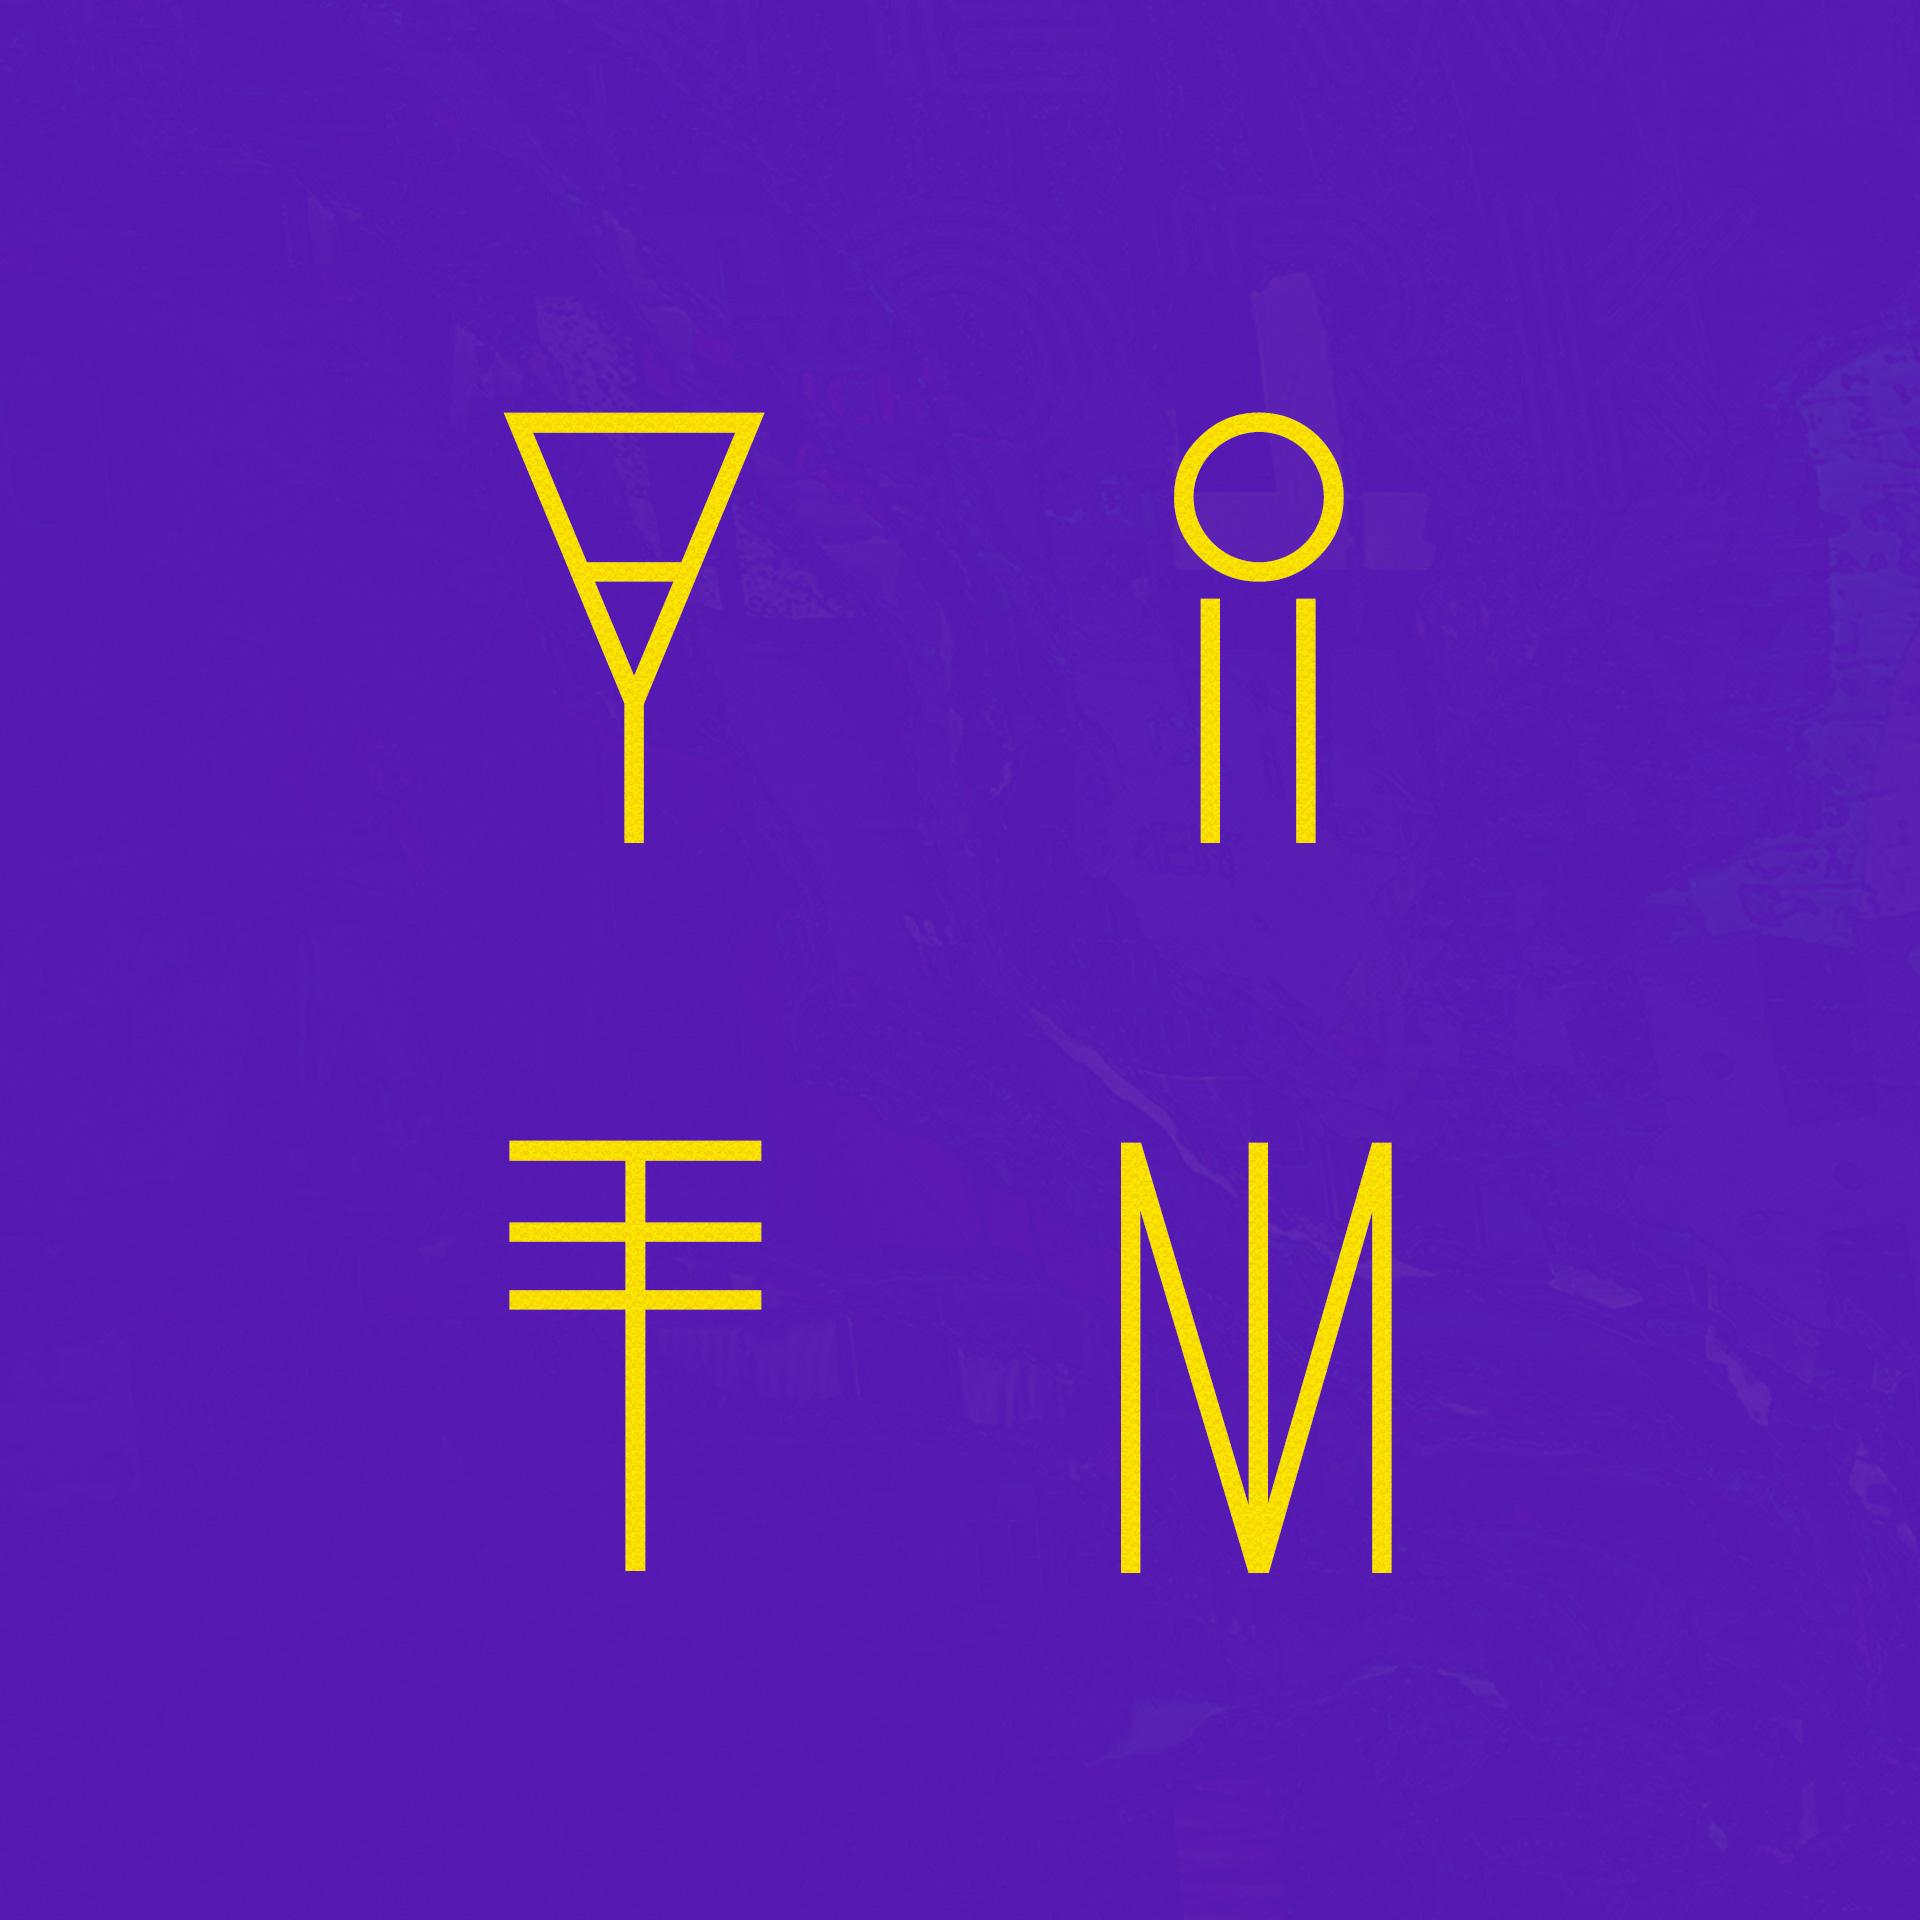 Unique Symbols